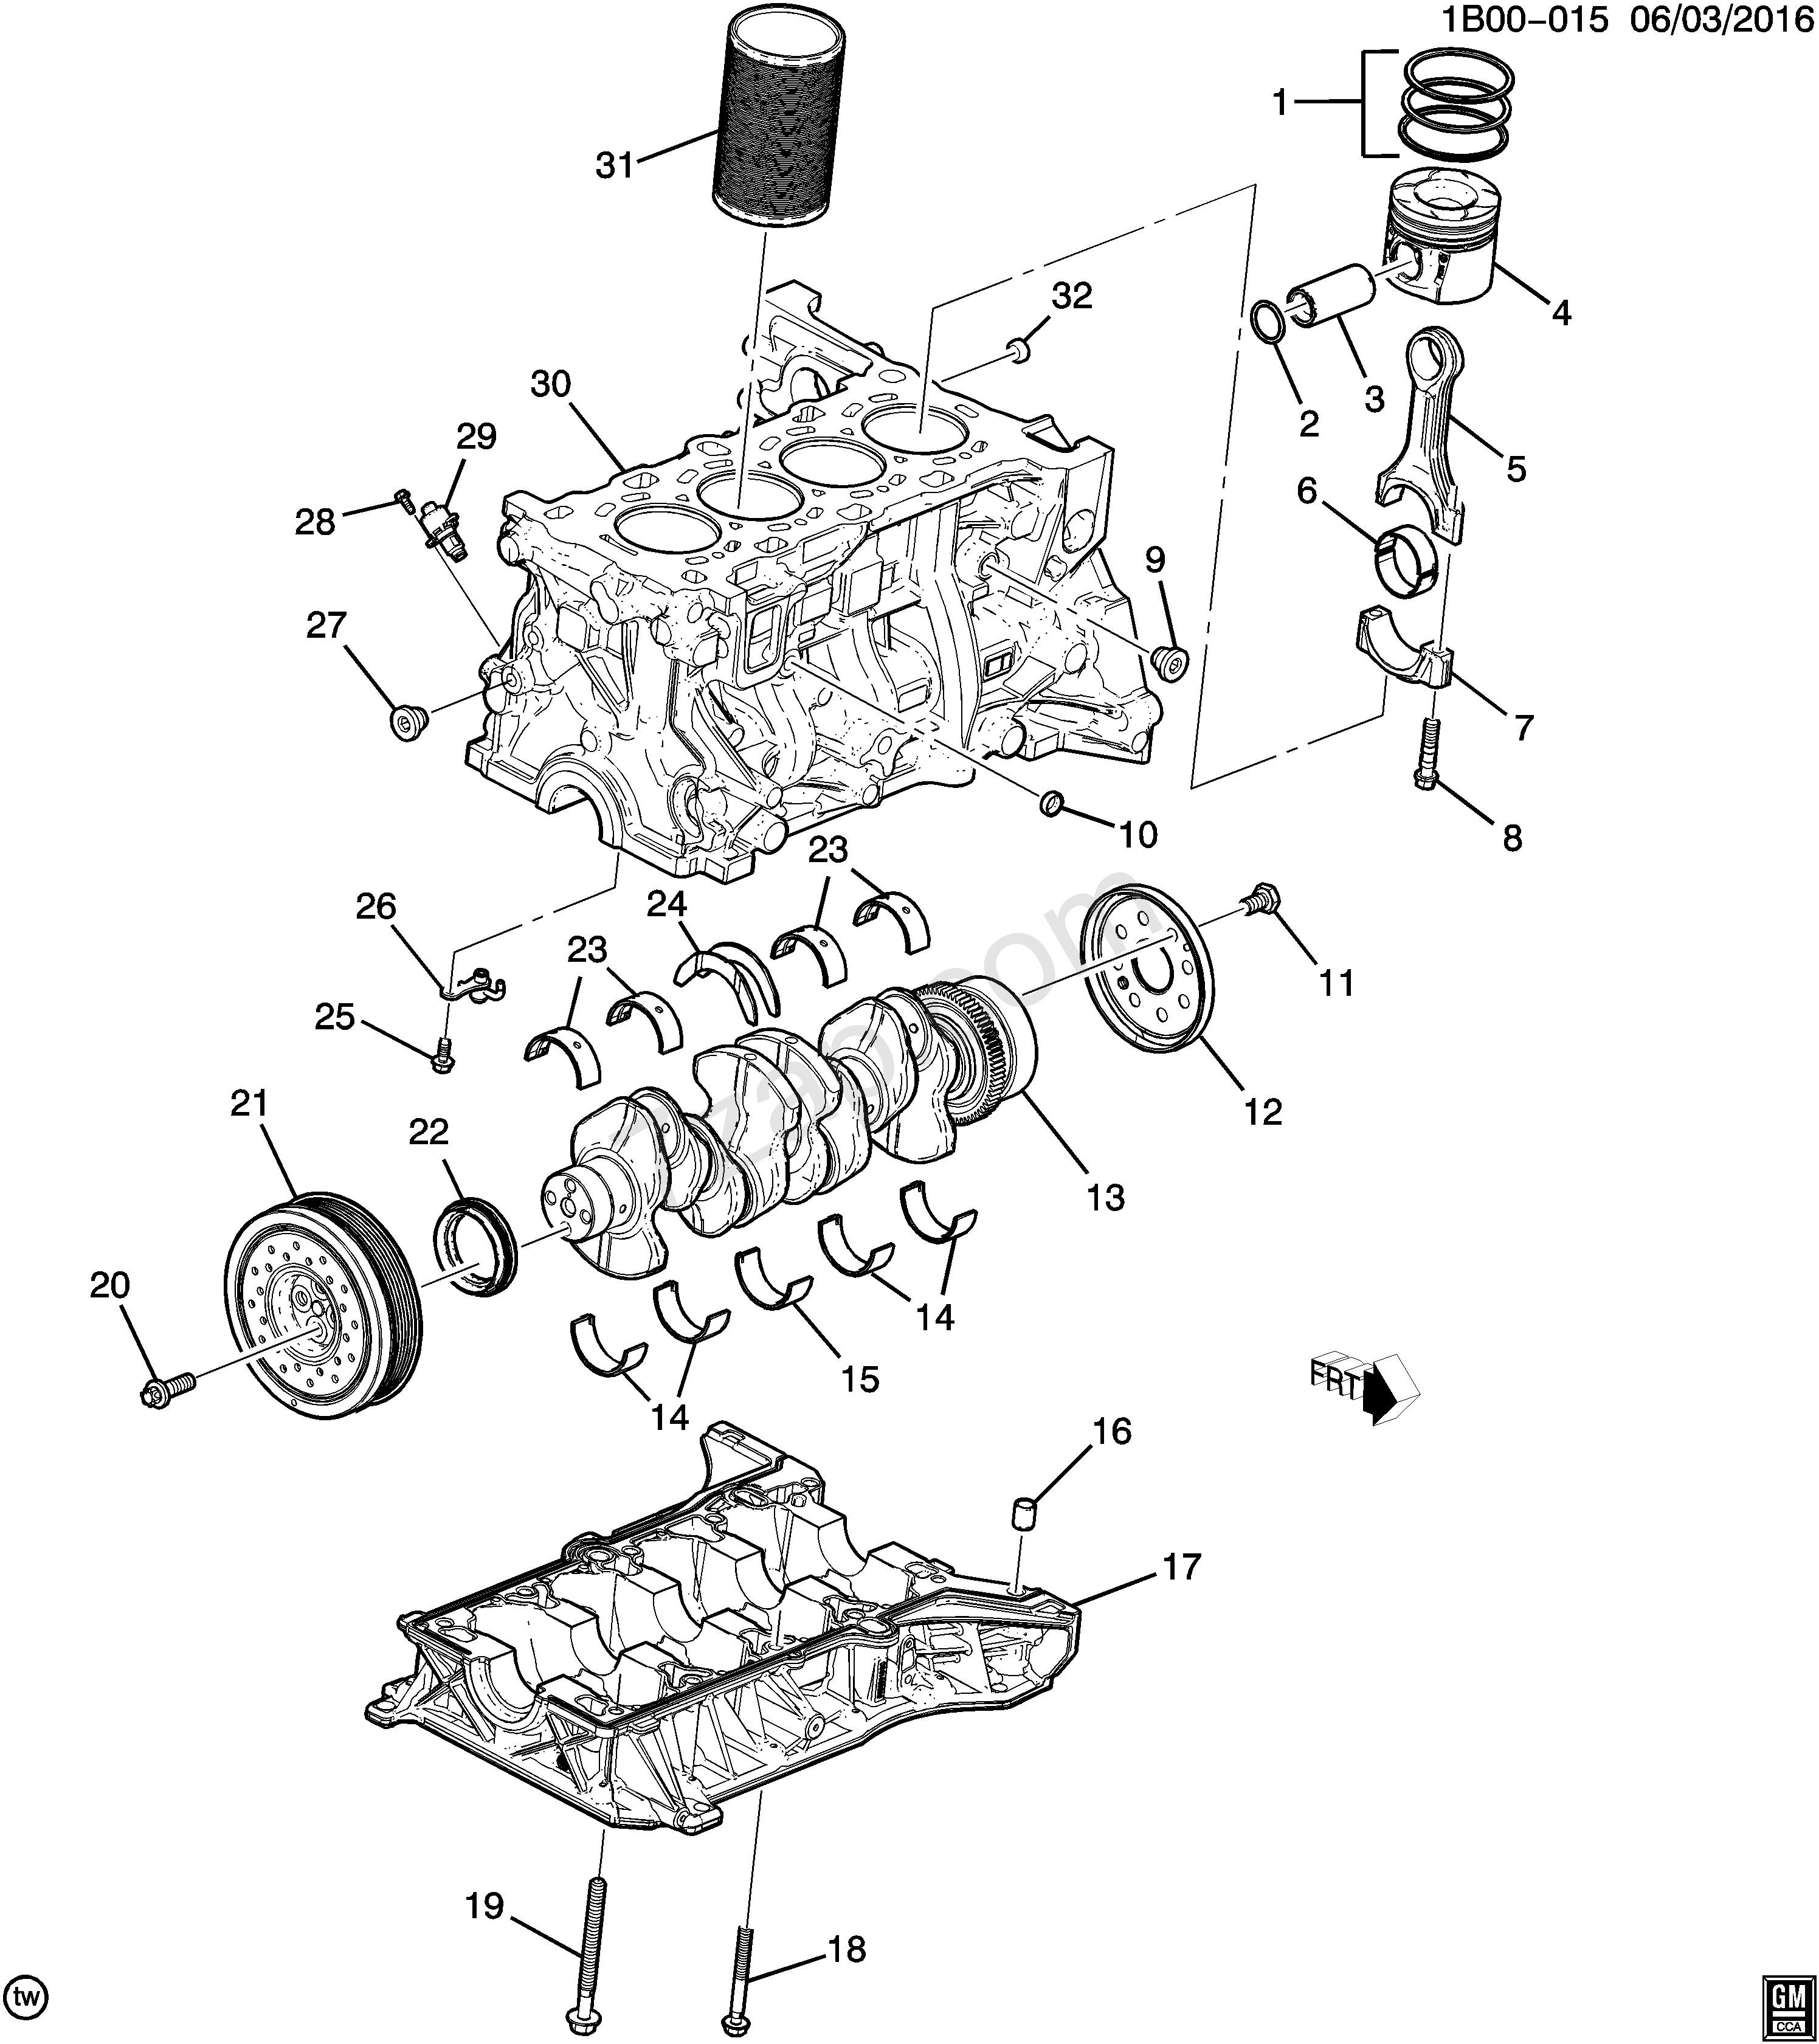 1 Cylinder Engine Diagram 2017 2017 Bt69 Engine asm Diesel Part 1 Cylinder Block & Related Of 1 Cylinder Engine Diagram